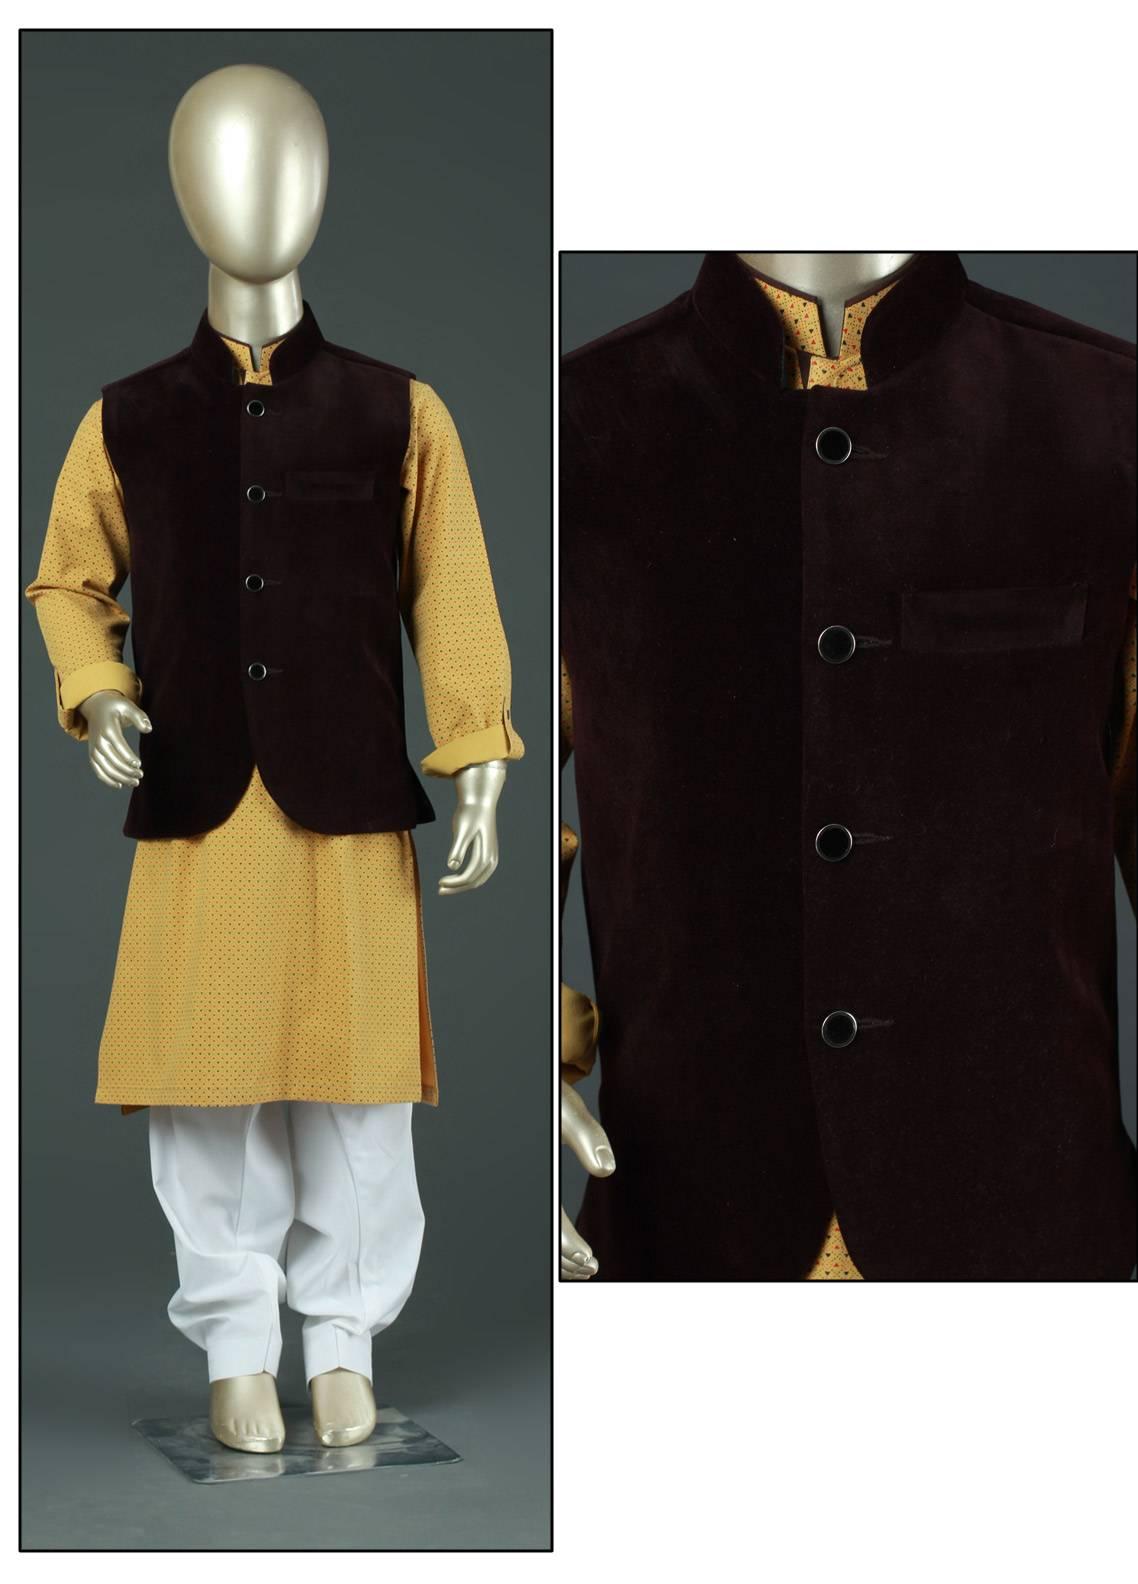 Sanaulla Exclusive Range Velvet Plain Textured Boys Waistcoat - SA19BW C-622 Maroon